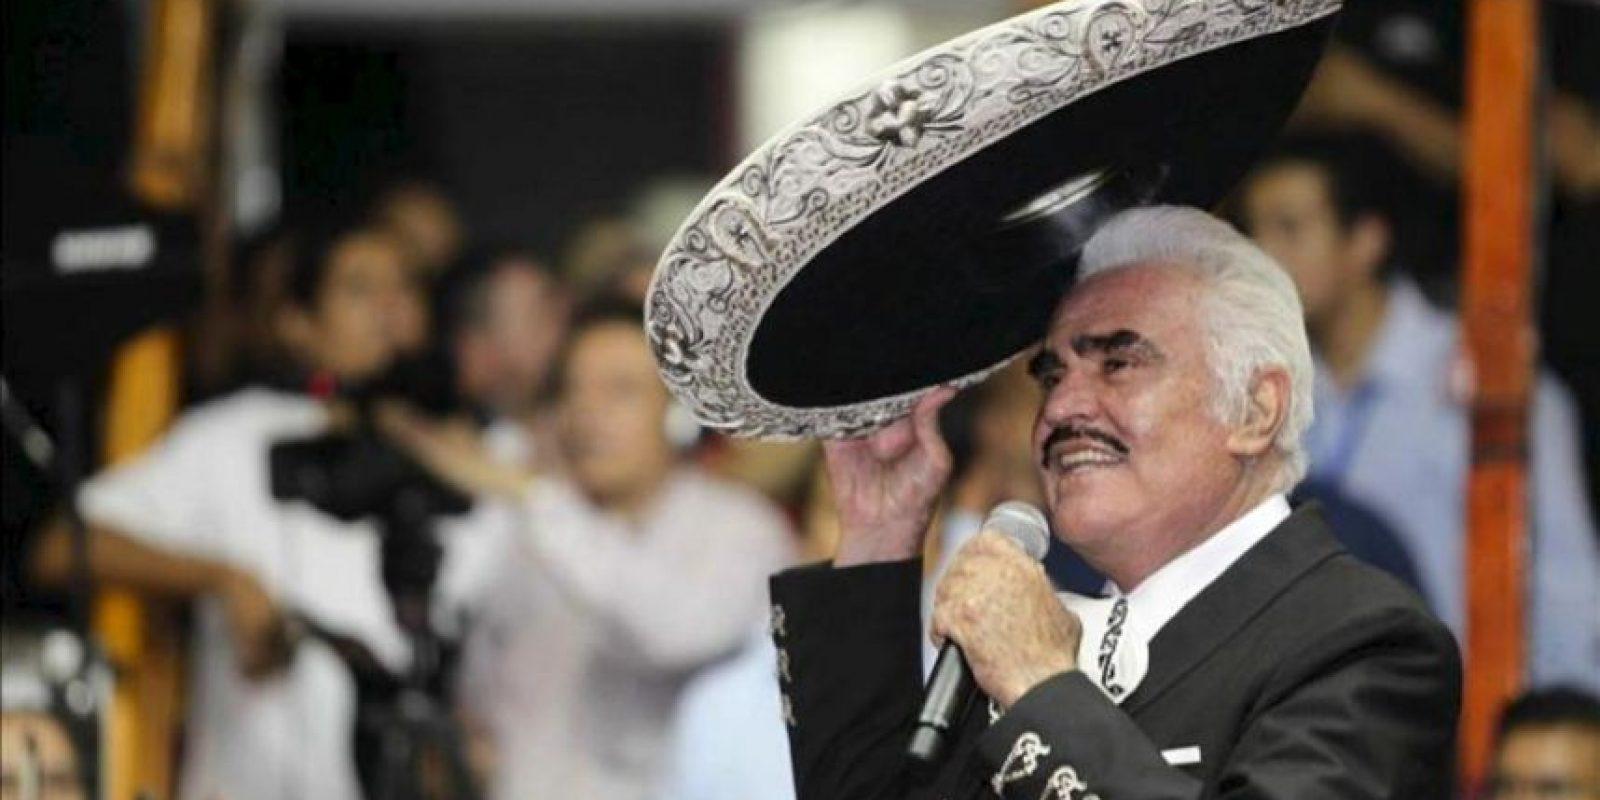 El cantante mexicano de música ranchera Vicente Fernández, en noviembre de 2012, durante un concierto en Guadalajara (México), donde se despidió de los palenques, los recintos donde se realizan las fiestas tradicionales mexicanas, con su última presentación en su natal Jalisco. EFE/Archivo